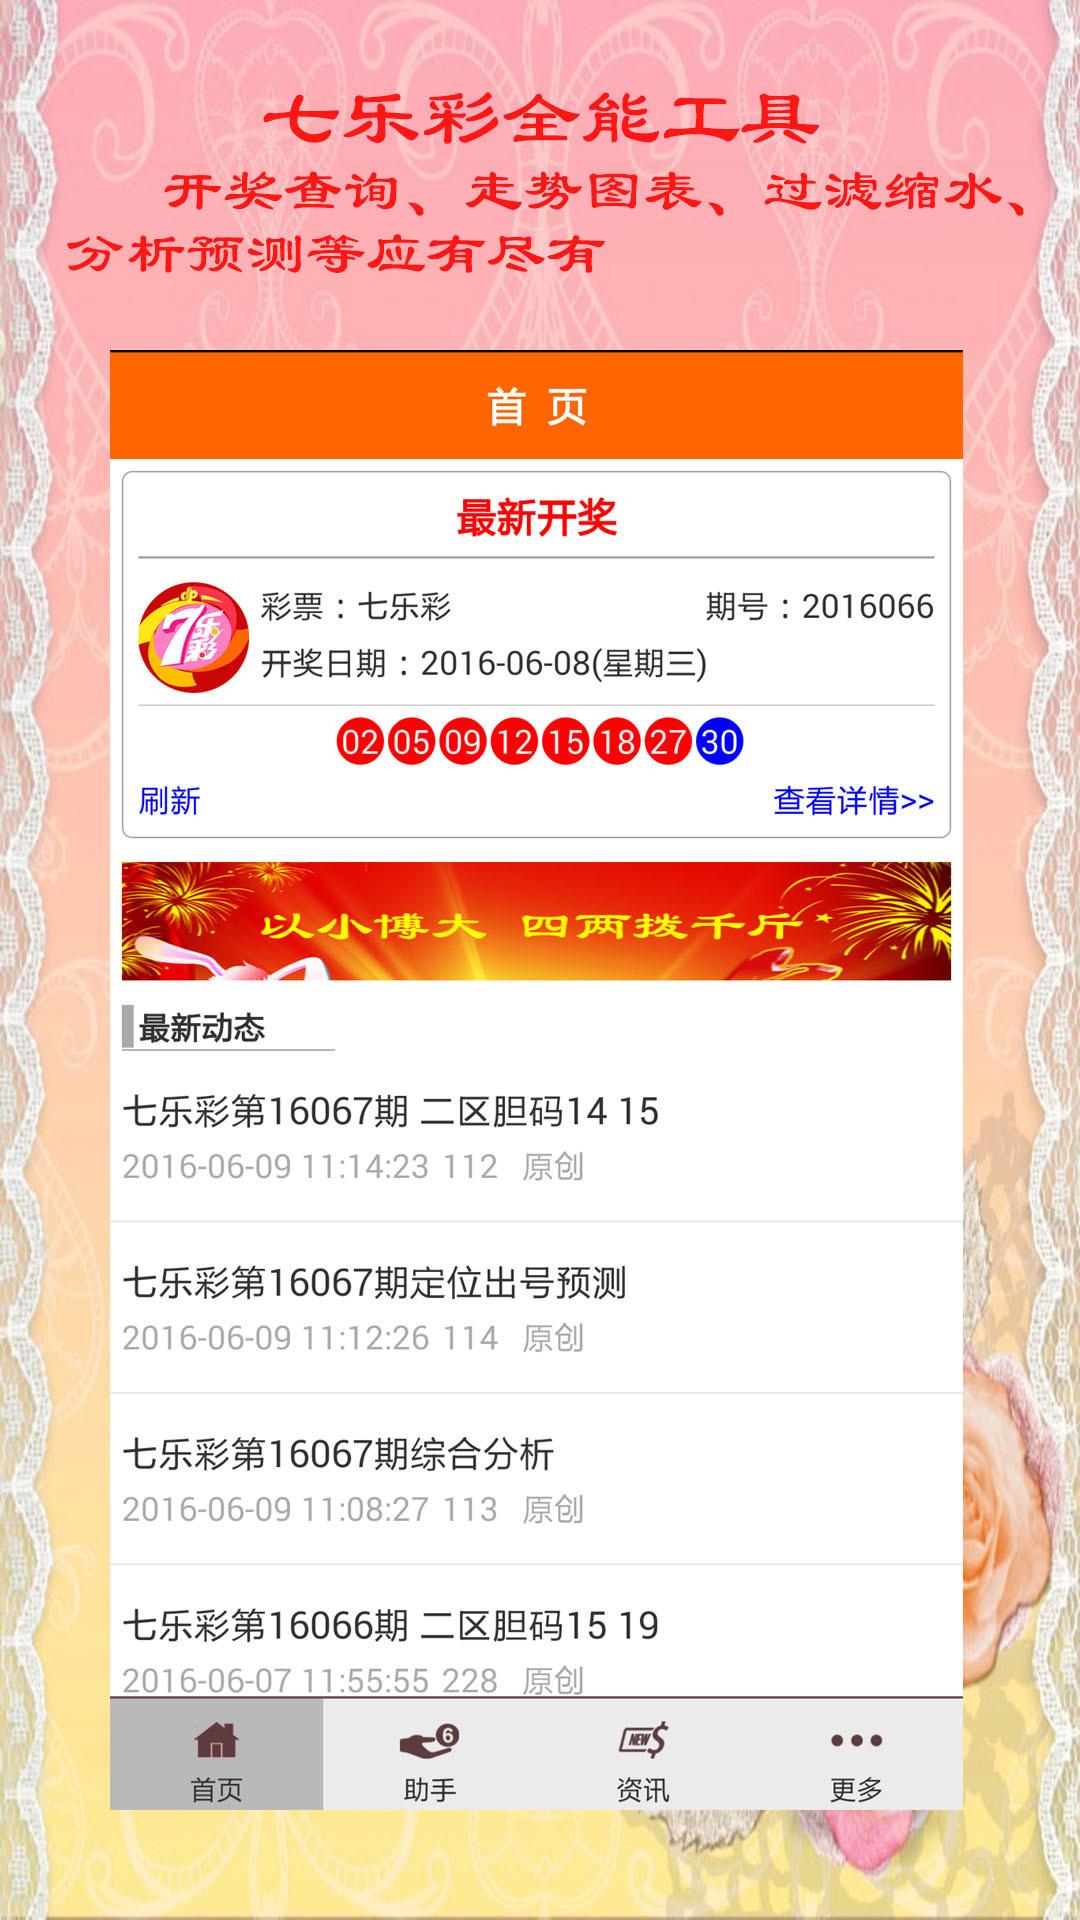 七乐彩助手最新版下载|v1.4.64安卓破解版